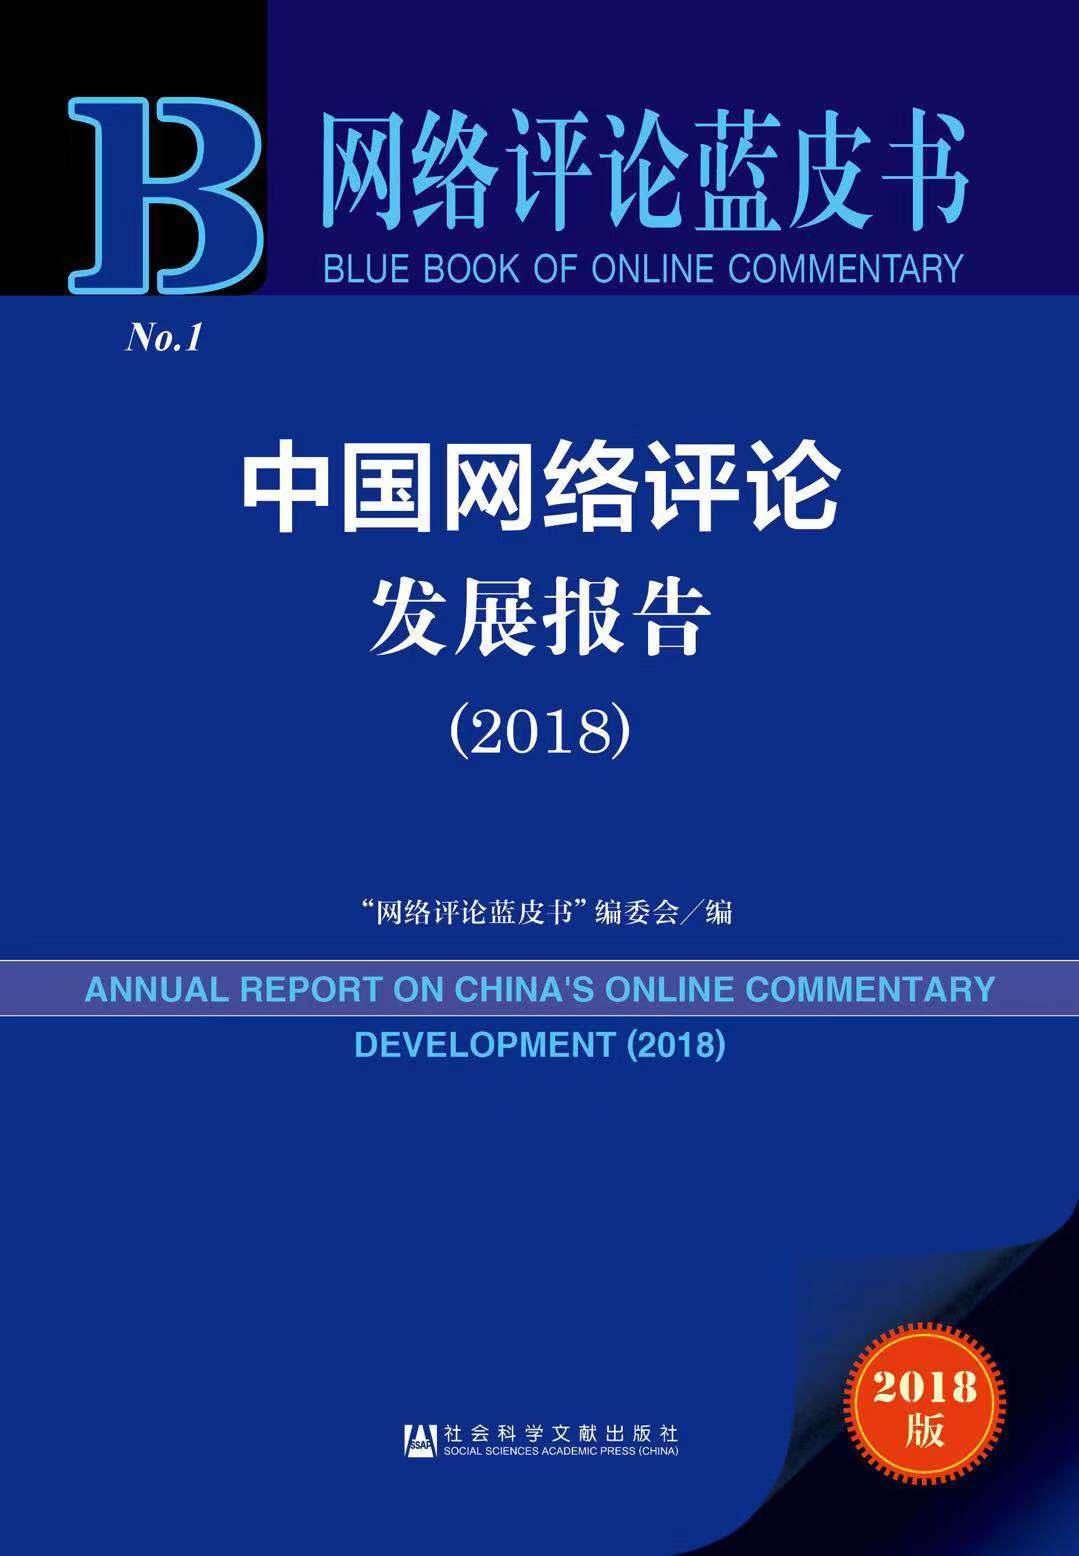 2018年11月30日,国家互联网信息办公室网络评论工作局、社会科学文献出版社在北京共同发布了《网络评论蓝皮书:中国网络评论发展报告(2018)》。   近年来,随着互联网技术的发展和网民队伍的壮大,网络评论在网络舆论中的地位越发突出,受到了学界和业界的高度关注。蓝皮书从政策、产业、技术和用户角度整体概括了近年来我国网络评论的发展环境、发展现状和特点。   (一)网络评论空间生态向好,网络舆论传播力、引导力、影响力、公信力明显提升   党的十八大以来,习近平总书记发表了一系列重要讲话,强调做好